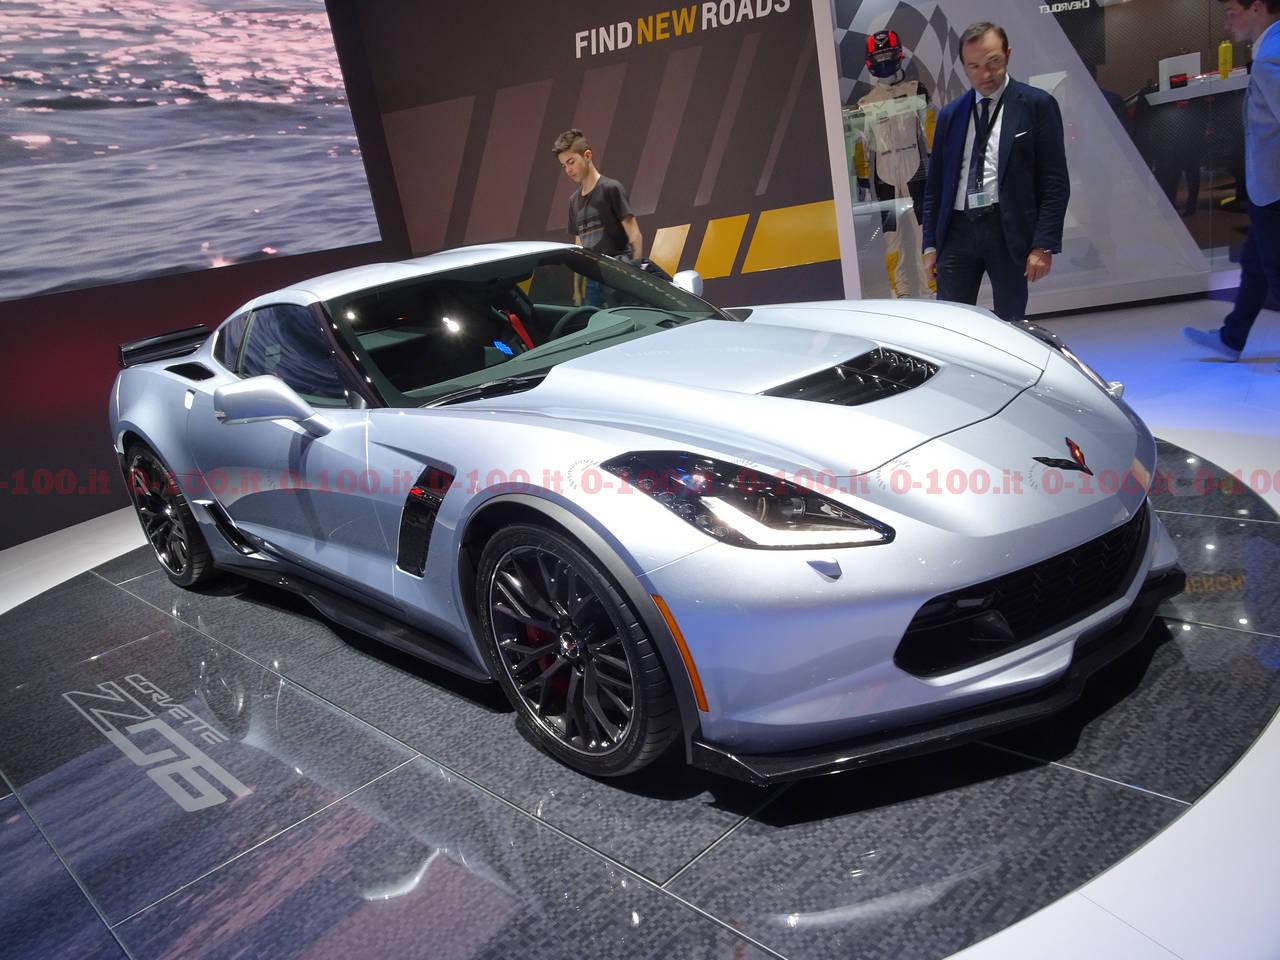 Ginevra-geneva-geneve-2017-Chevrolet-corvette-z06-0-100_2